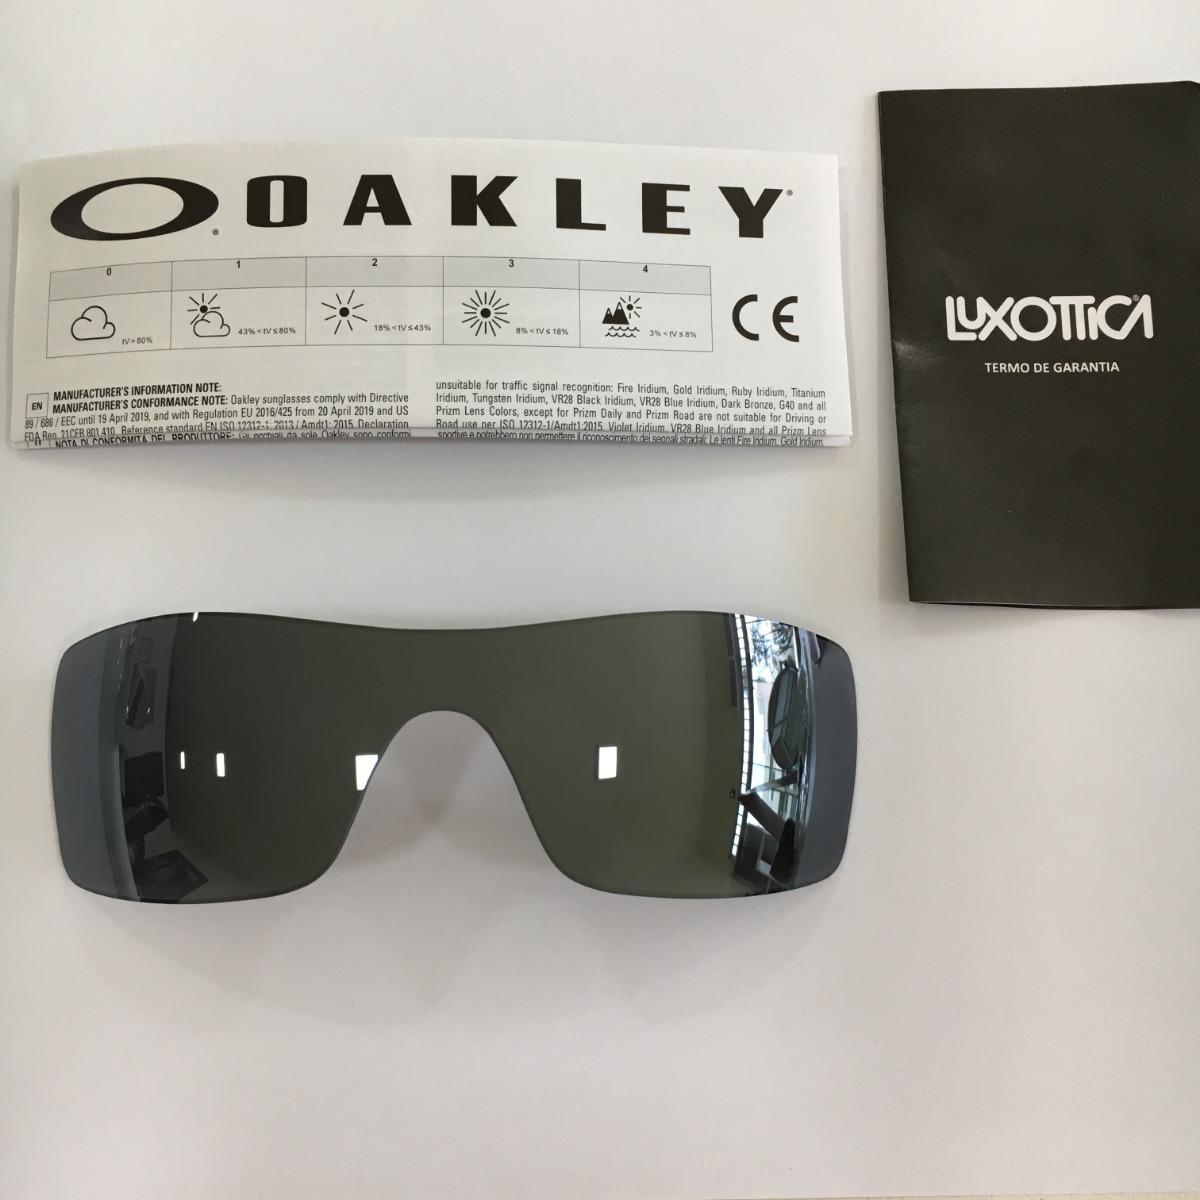 c564ddebf9 Lentes Oakley Batwolf Oo9101 Black Iridium - Original - R$ 210,00 em ...